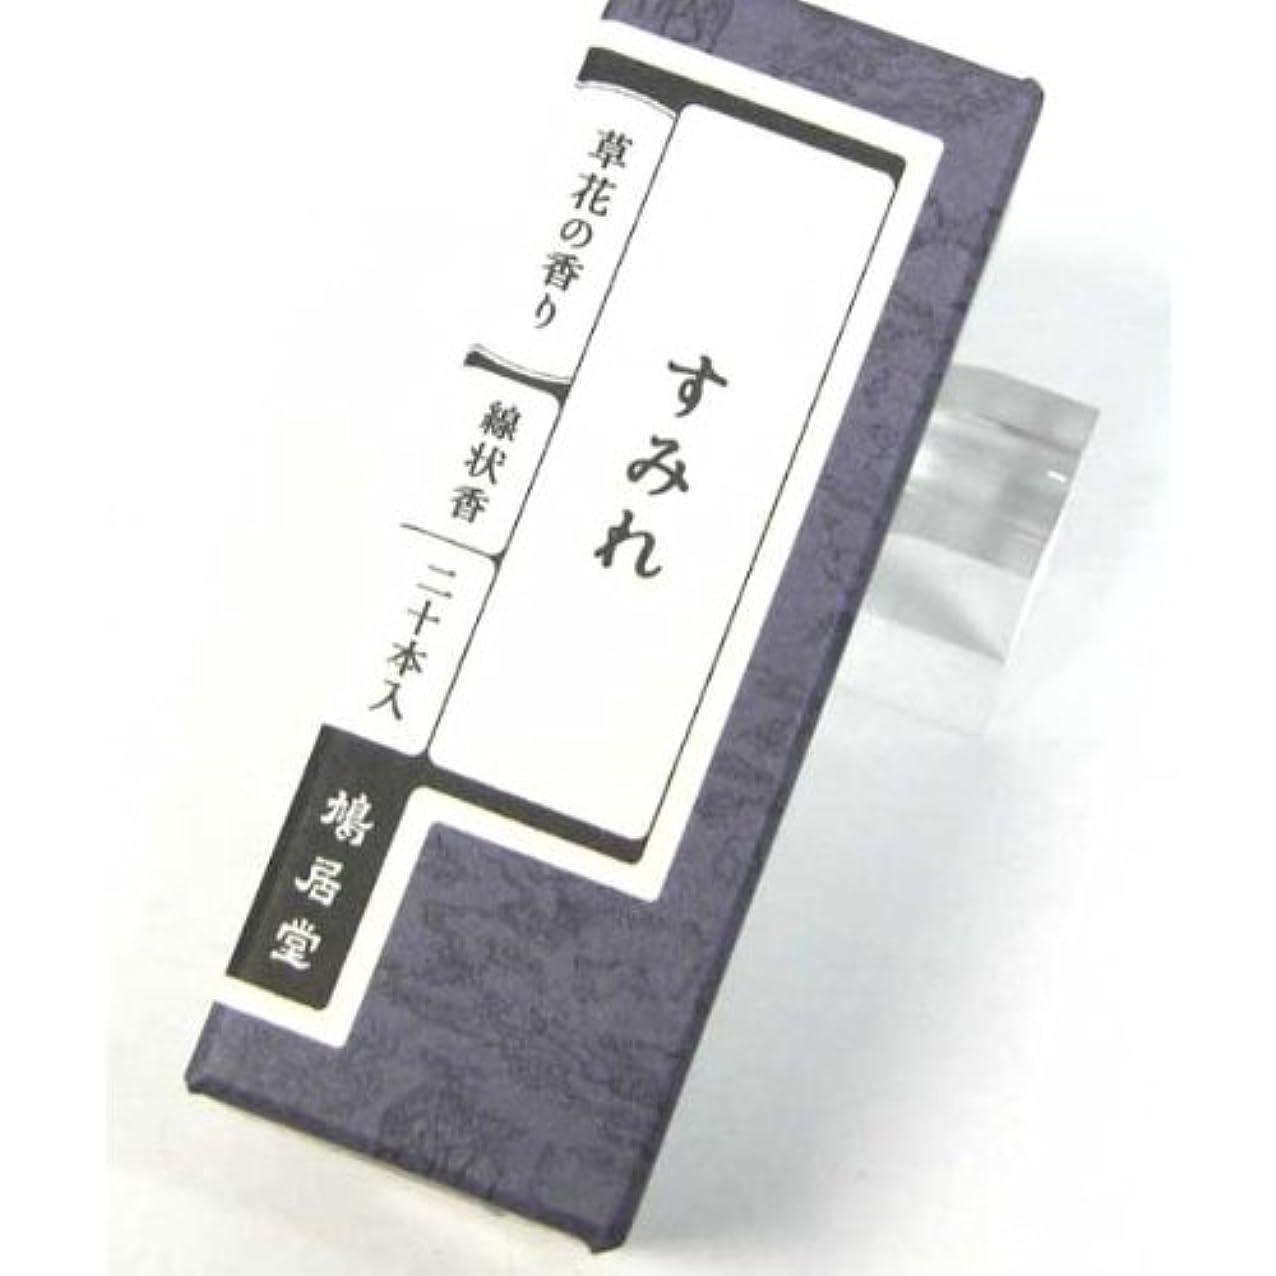 フェローシップピグマリオンオークション鳩居堂 お香 すみれ/菫 草花の香りシリーズ スティックタイプ(棒状香)20本いり